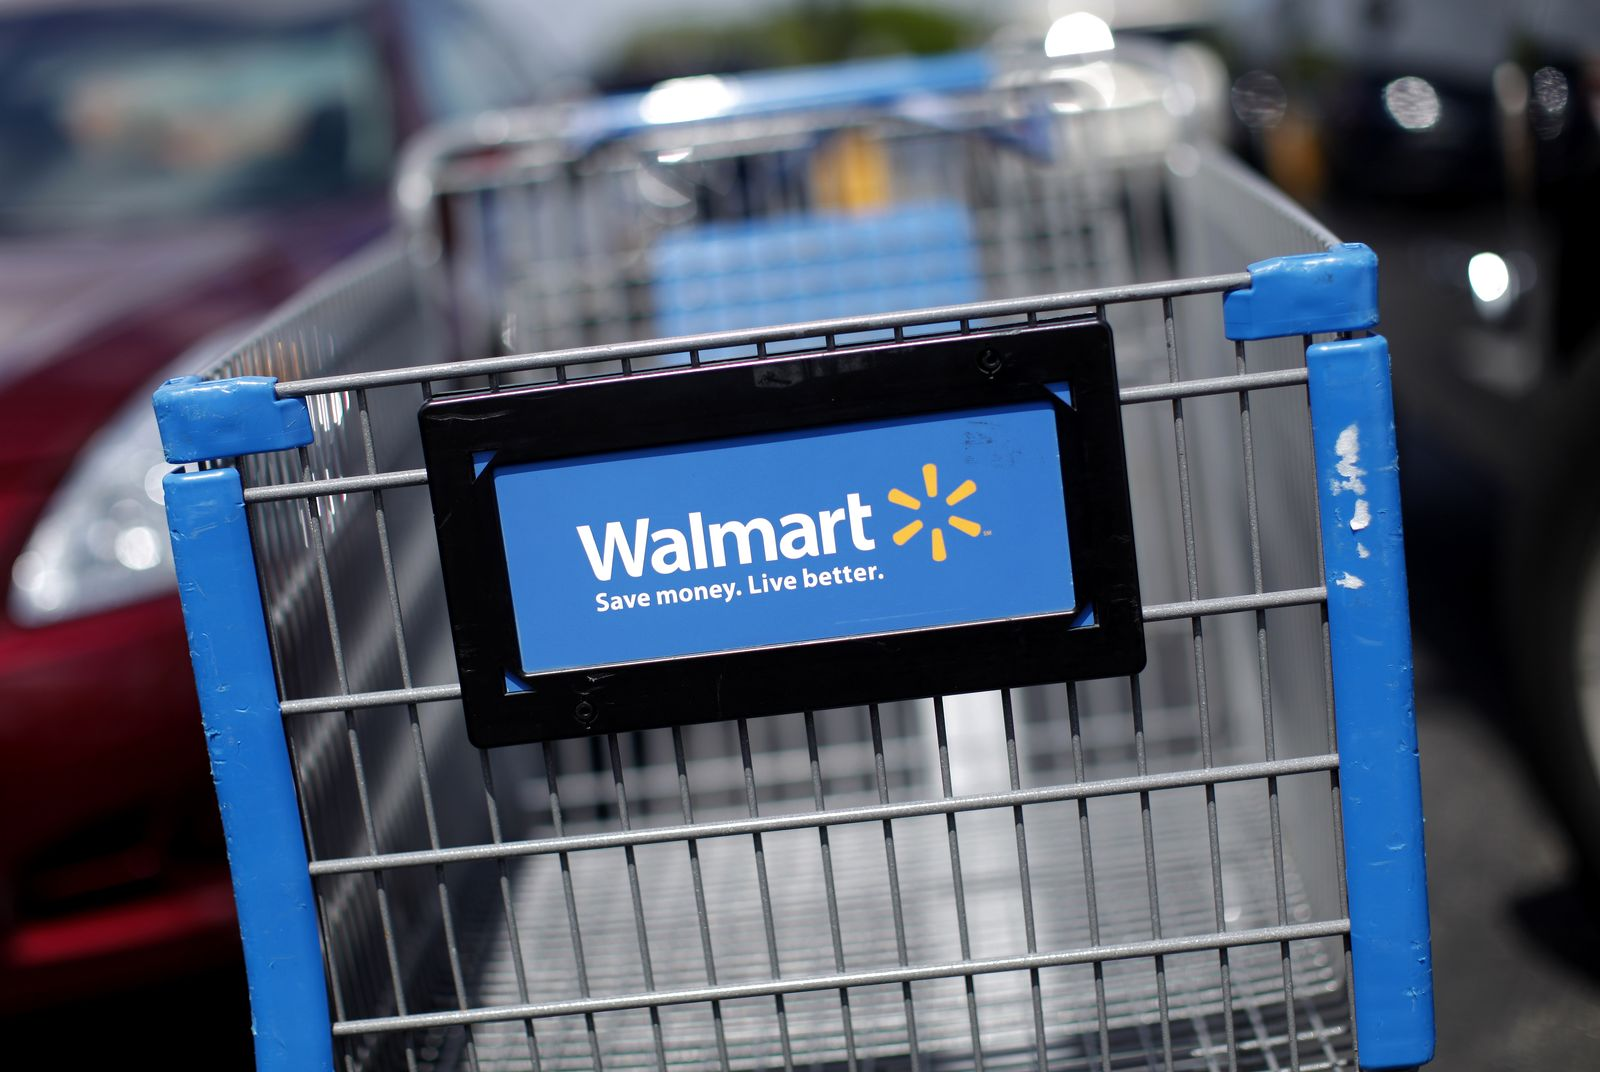 WALMART/ Einkaufswagen (Kopie)